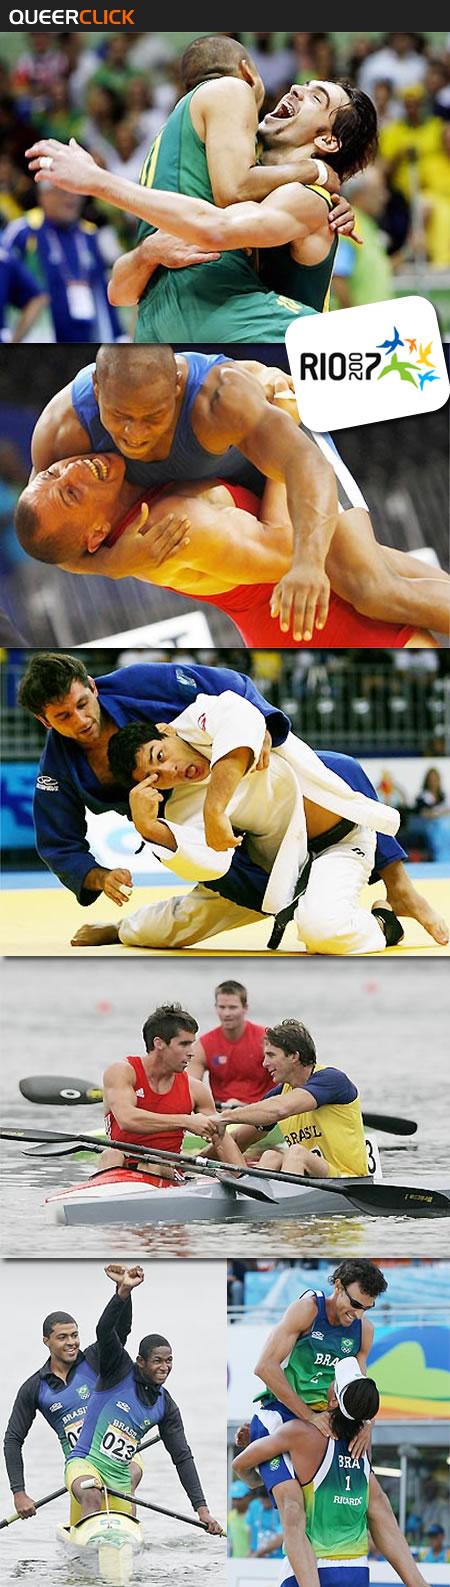 Juegos Panamericanos de Rio IV